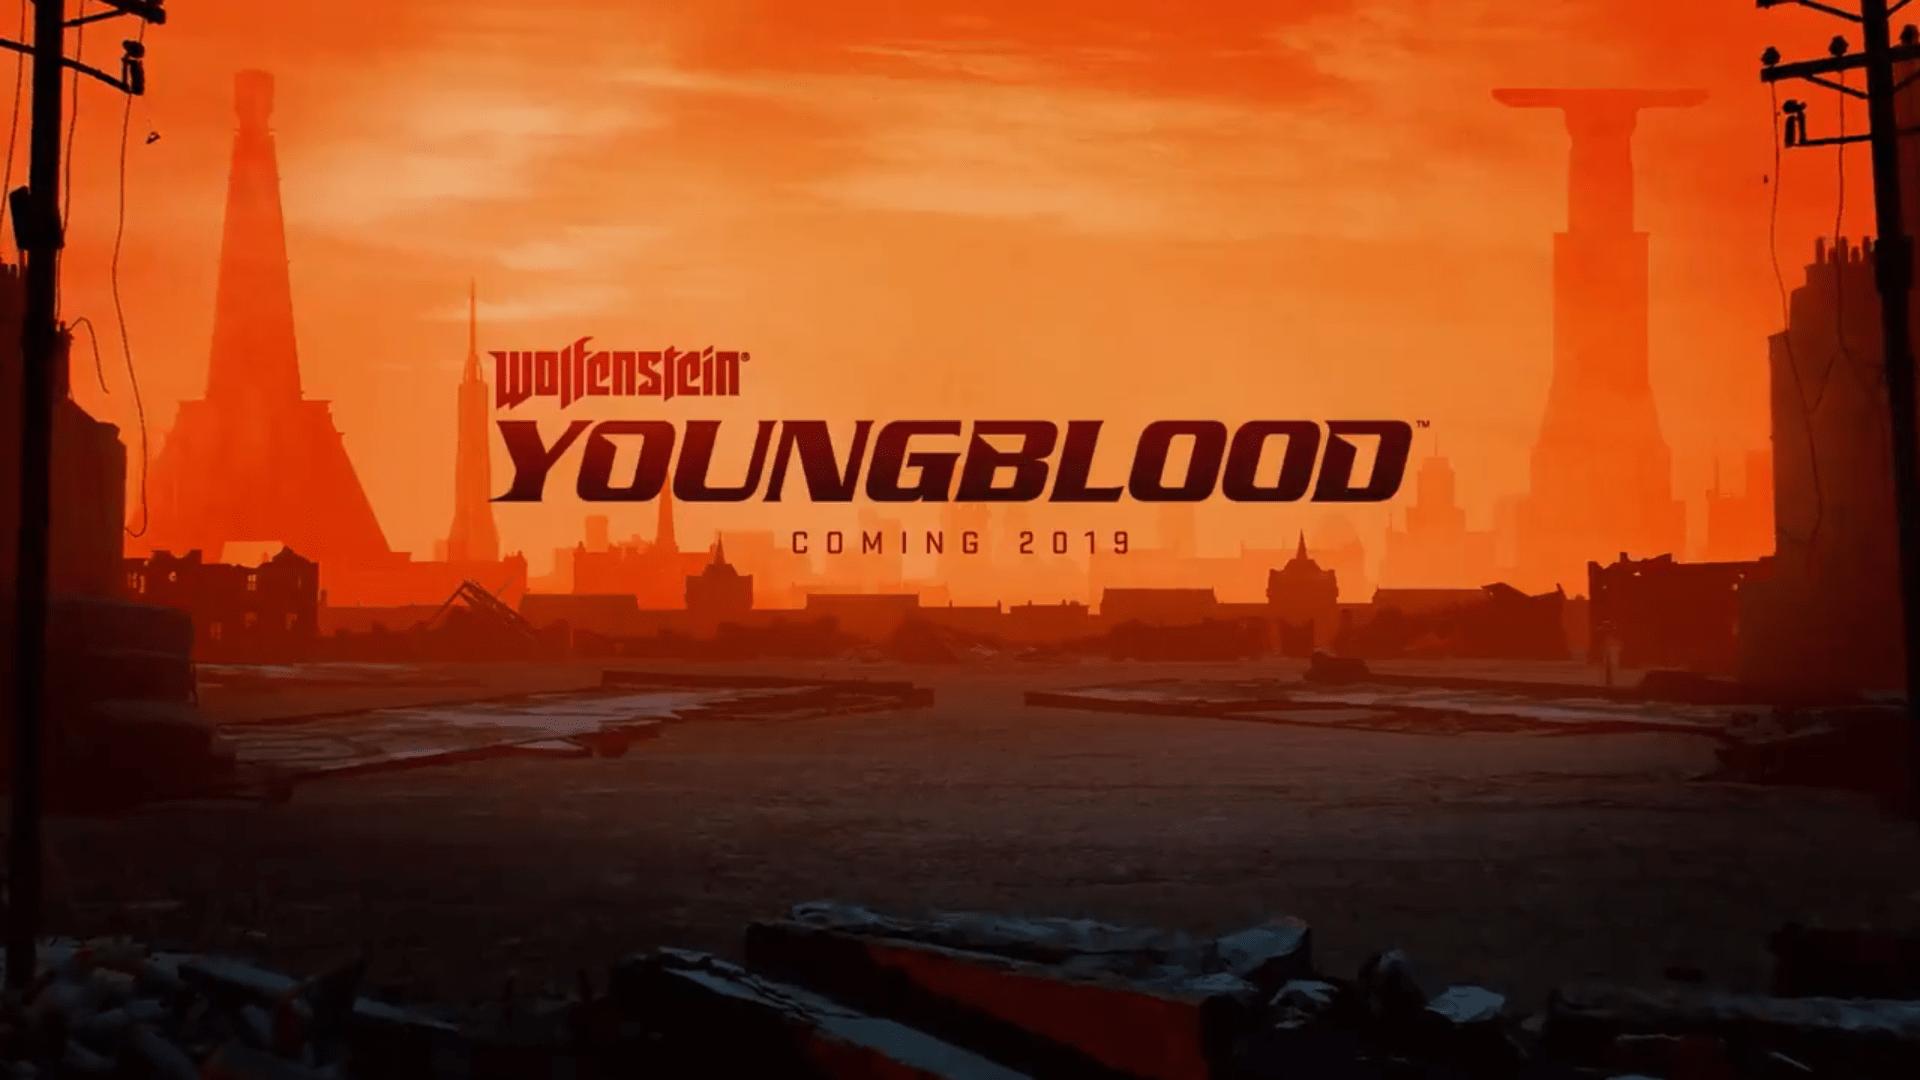 В сюжетном трейлере Wolfenstein: Youngblood объявили дату выхода